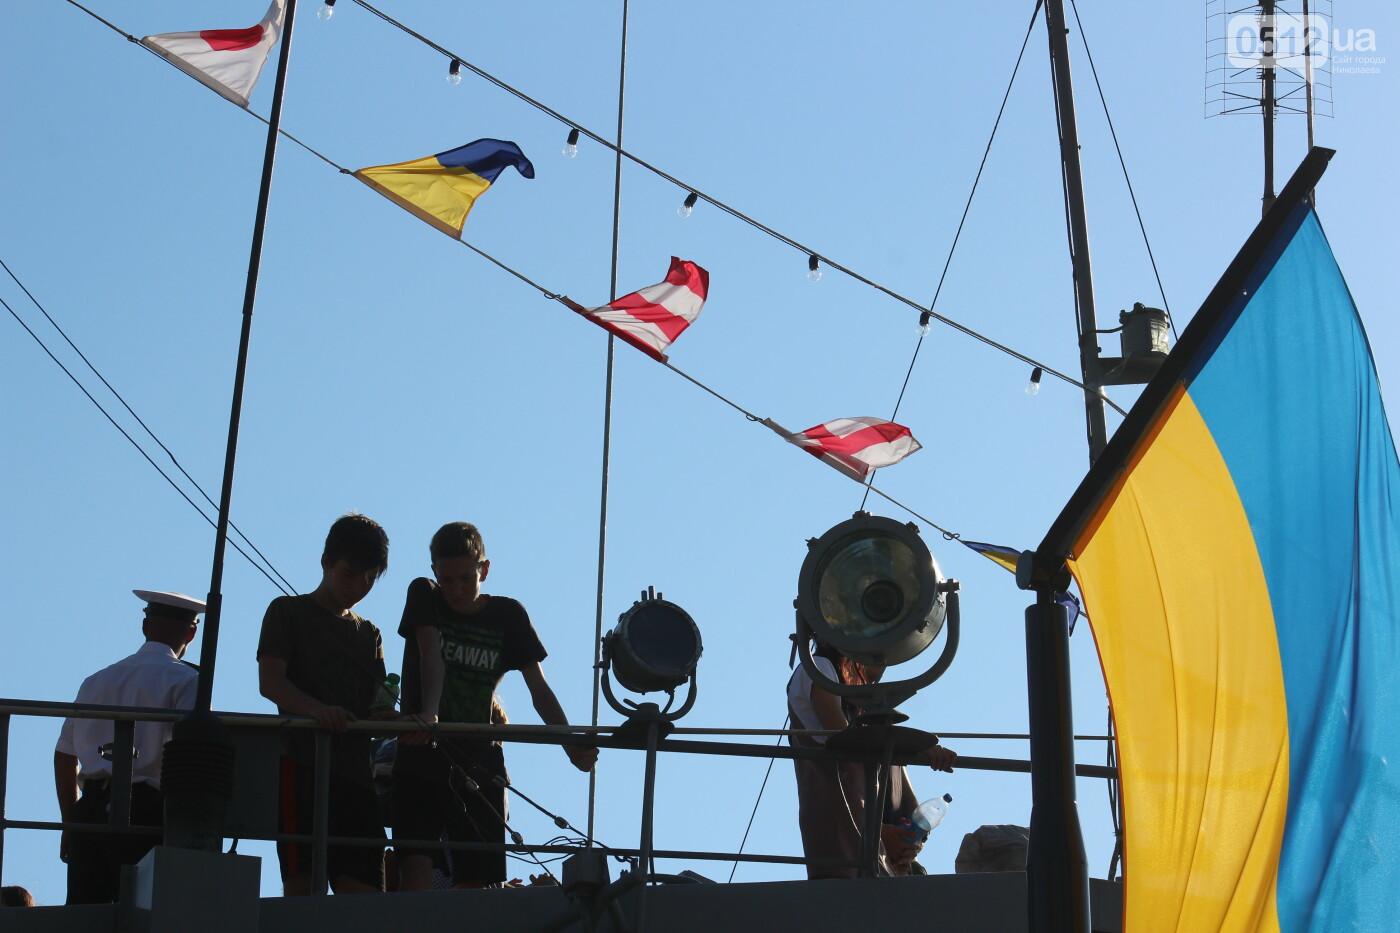 В Николаеве громко отметили день ВМС Украины, - ФОТО, ВИДЕО, фото-30